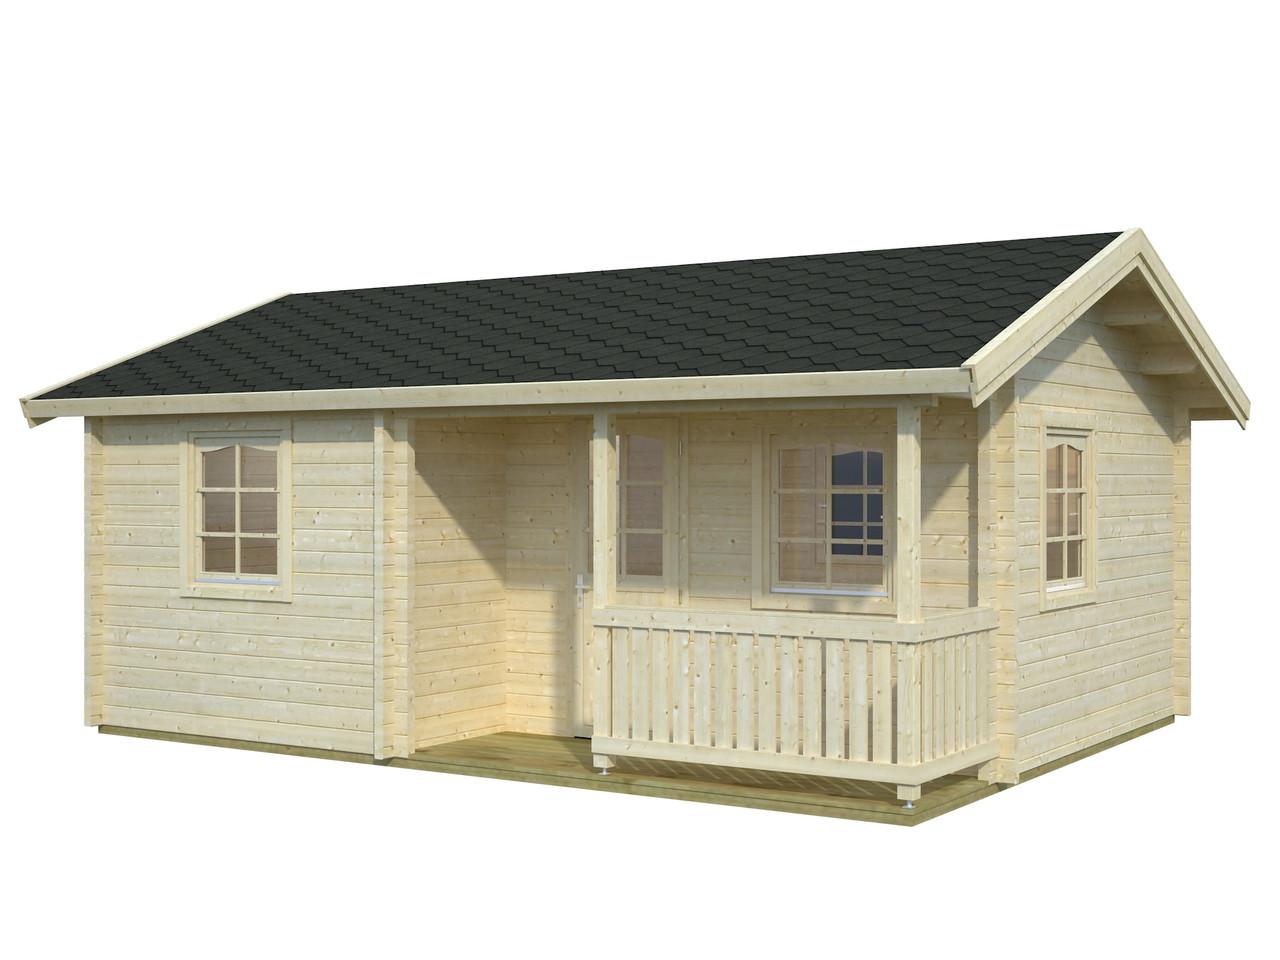 Дом из термообработанного бруса 29,14 м2. от производителя Thermo Wooden House 135